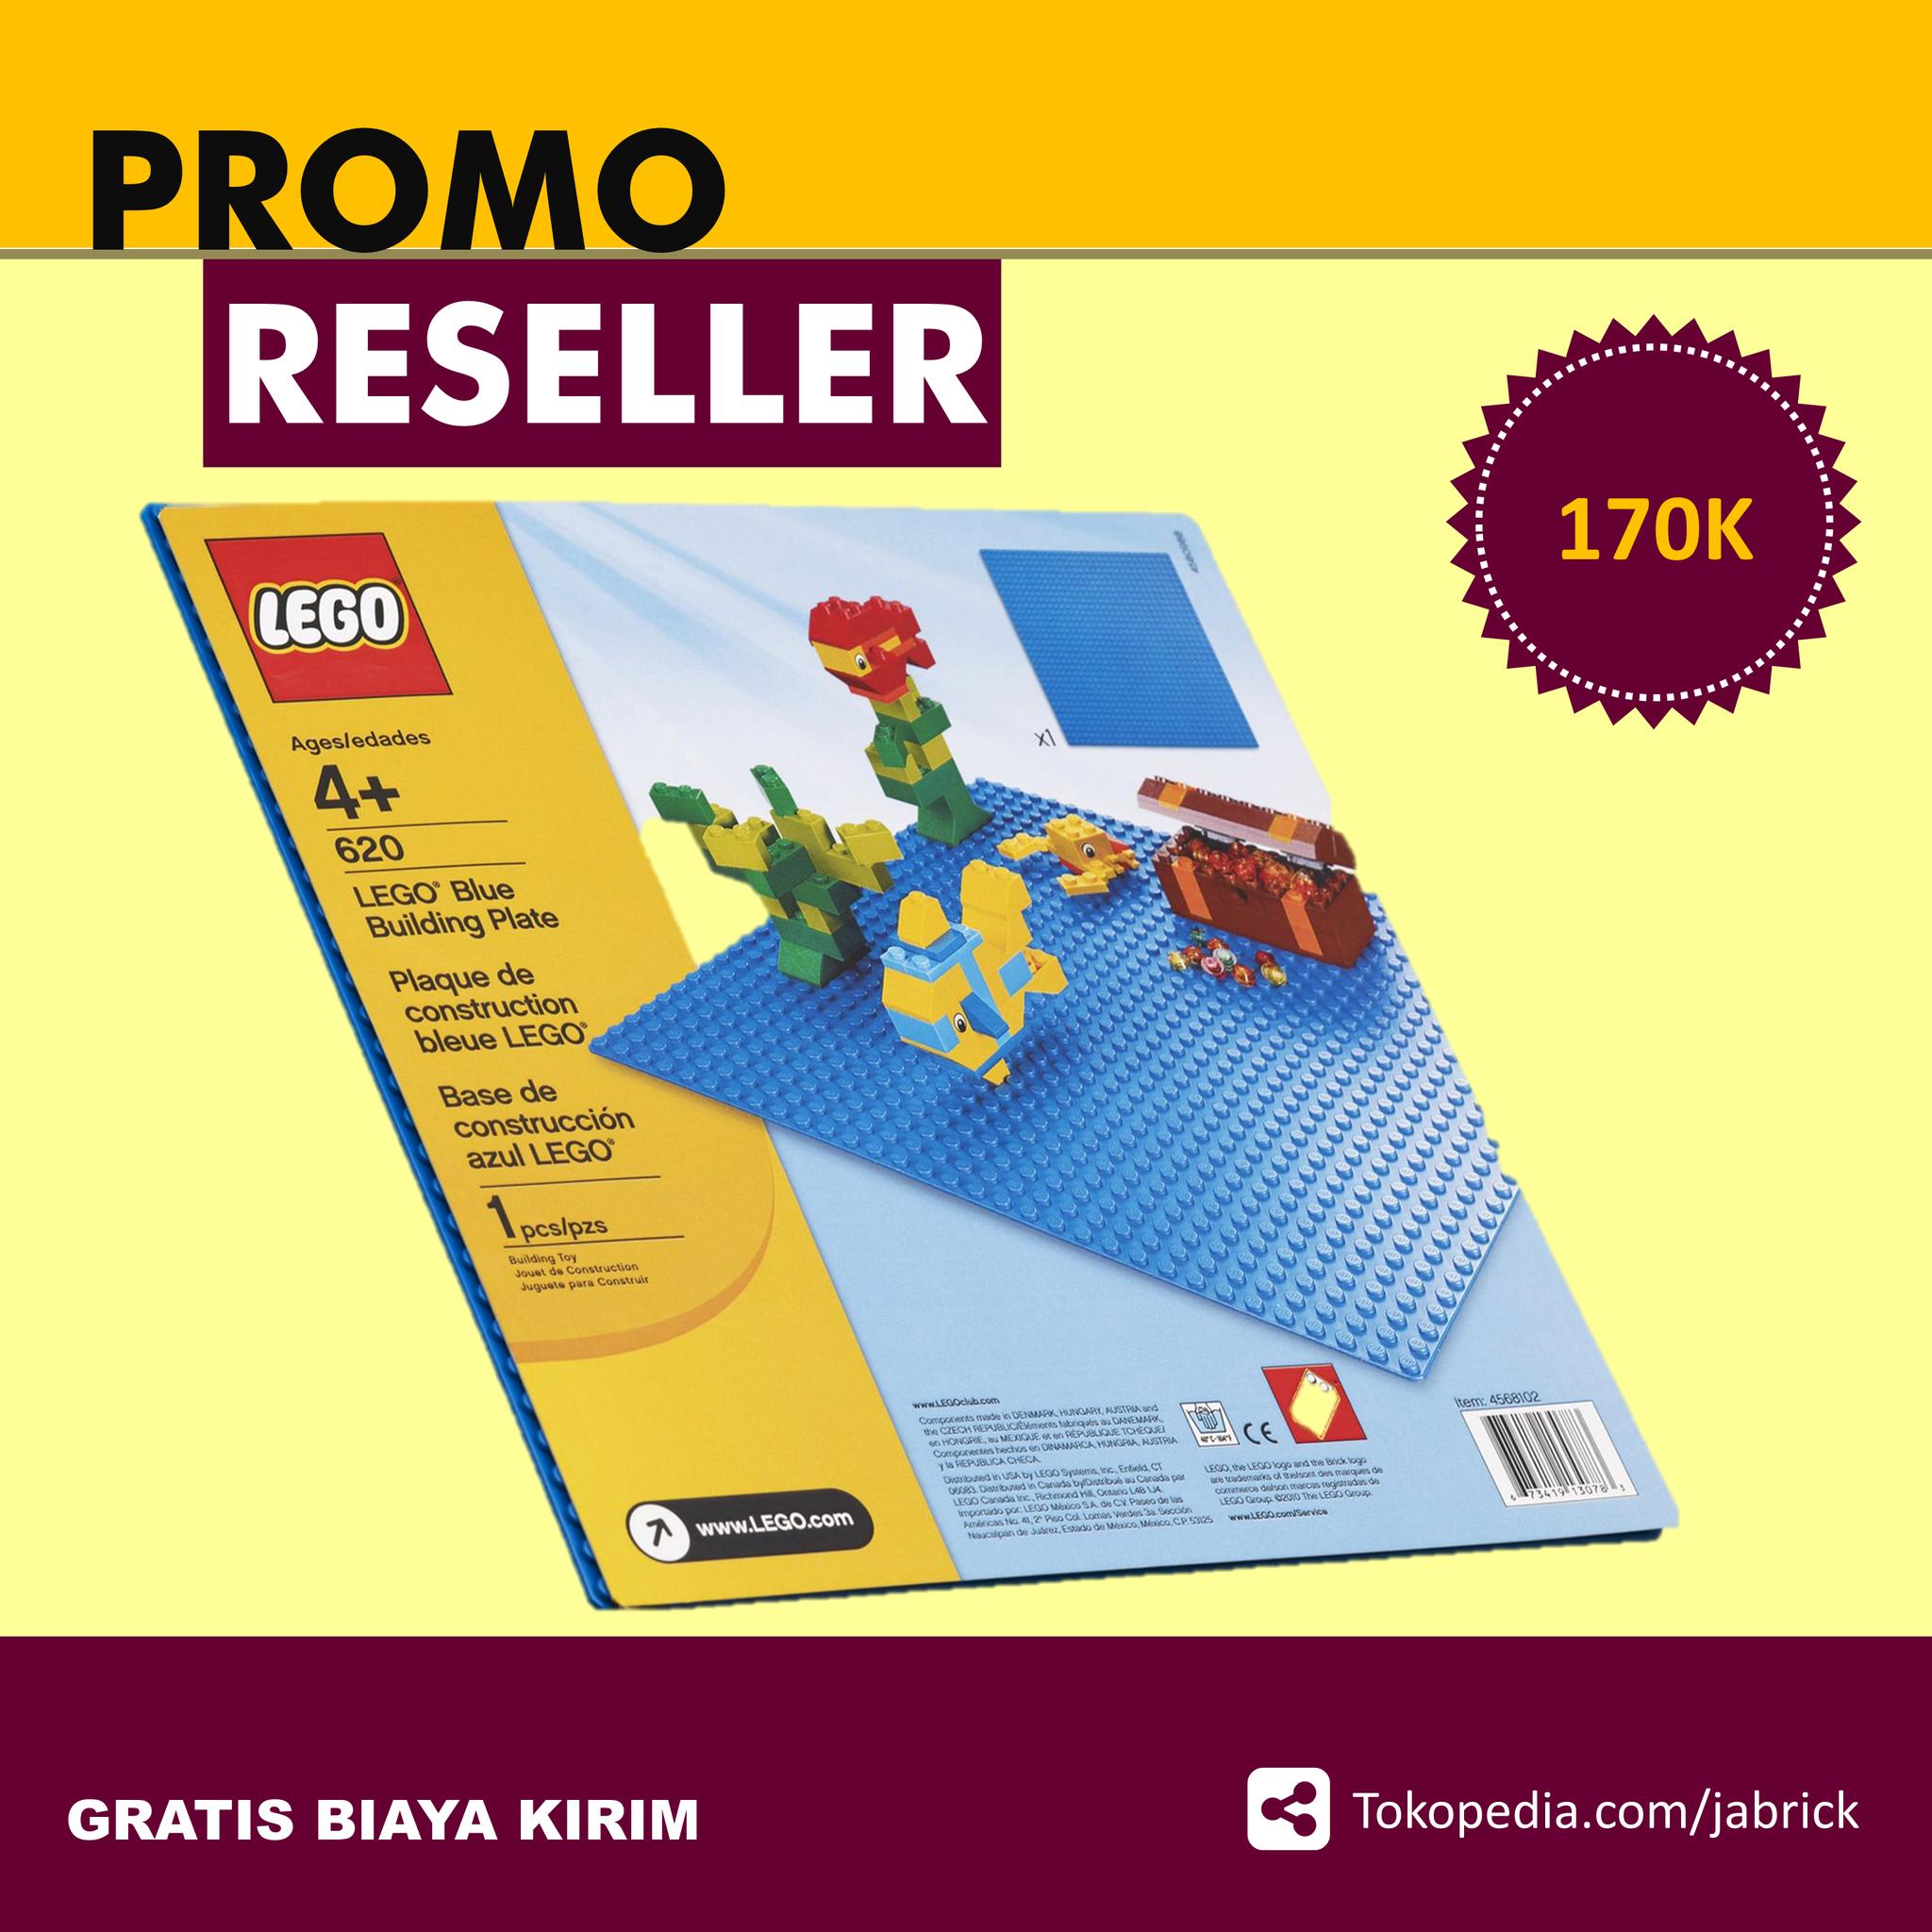 Promo PAHELER LEGO 620 Basic Blue Building Plate